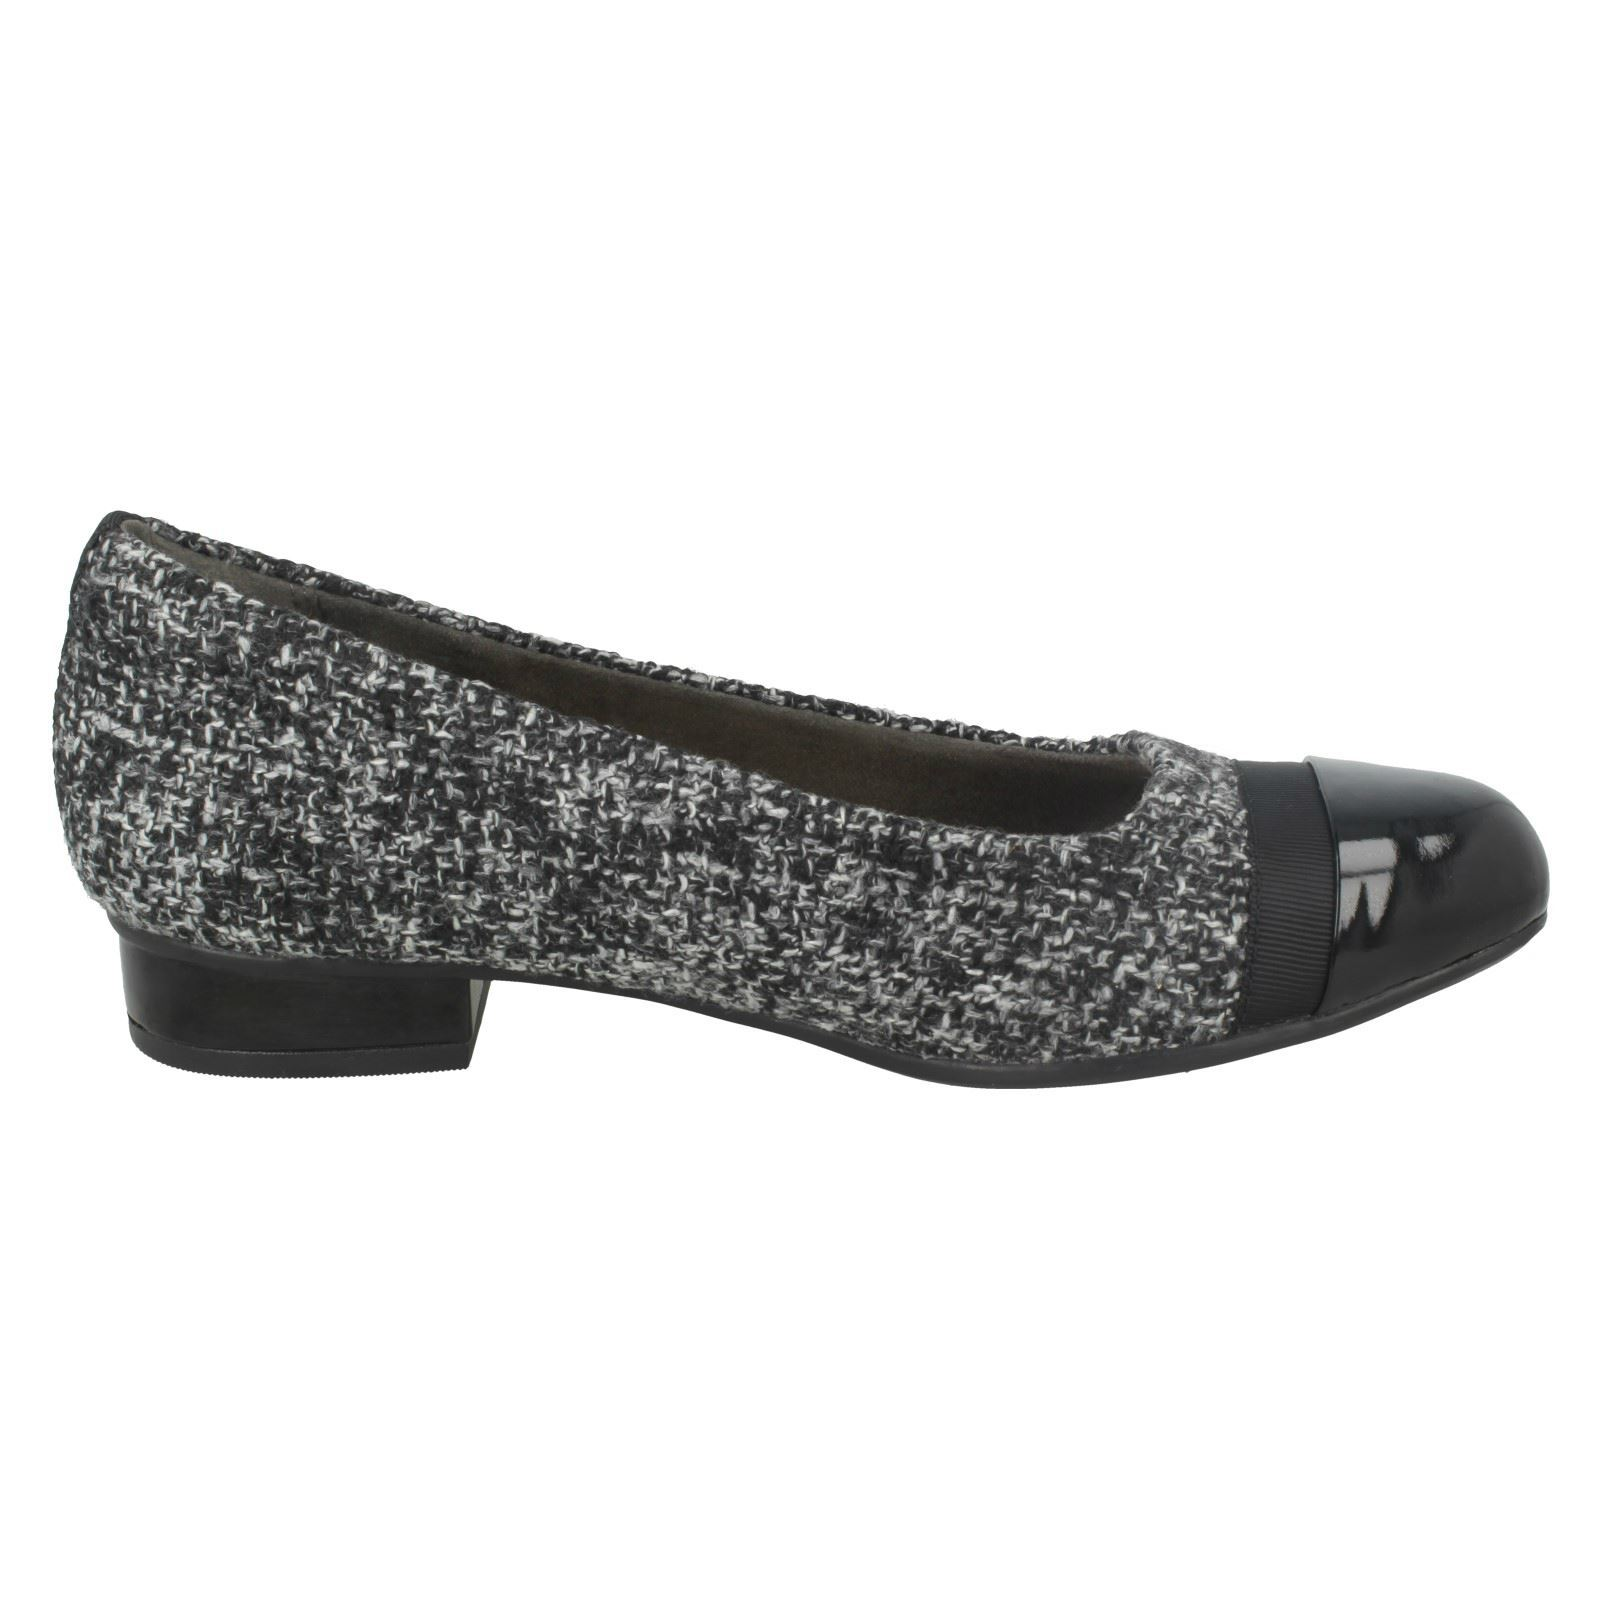 mesdames clarks glisse sur les chaussures de ballerine le rosa style  keesha rosa le 5a7494